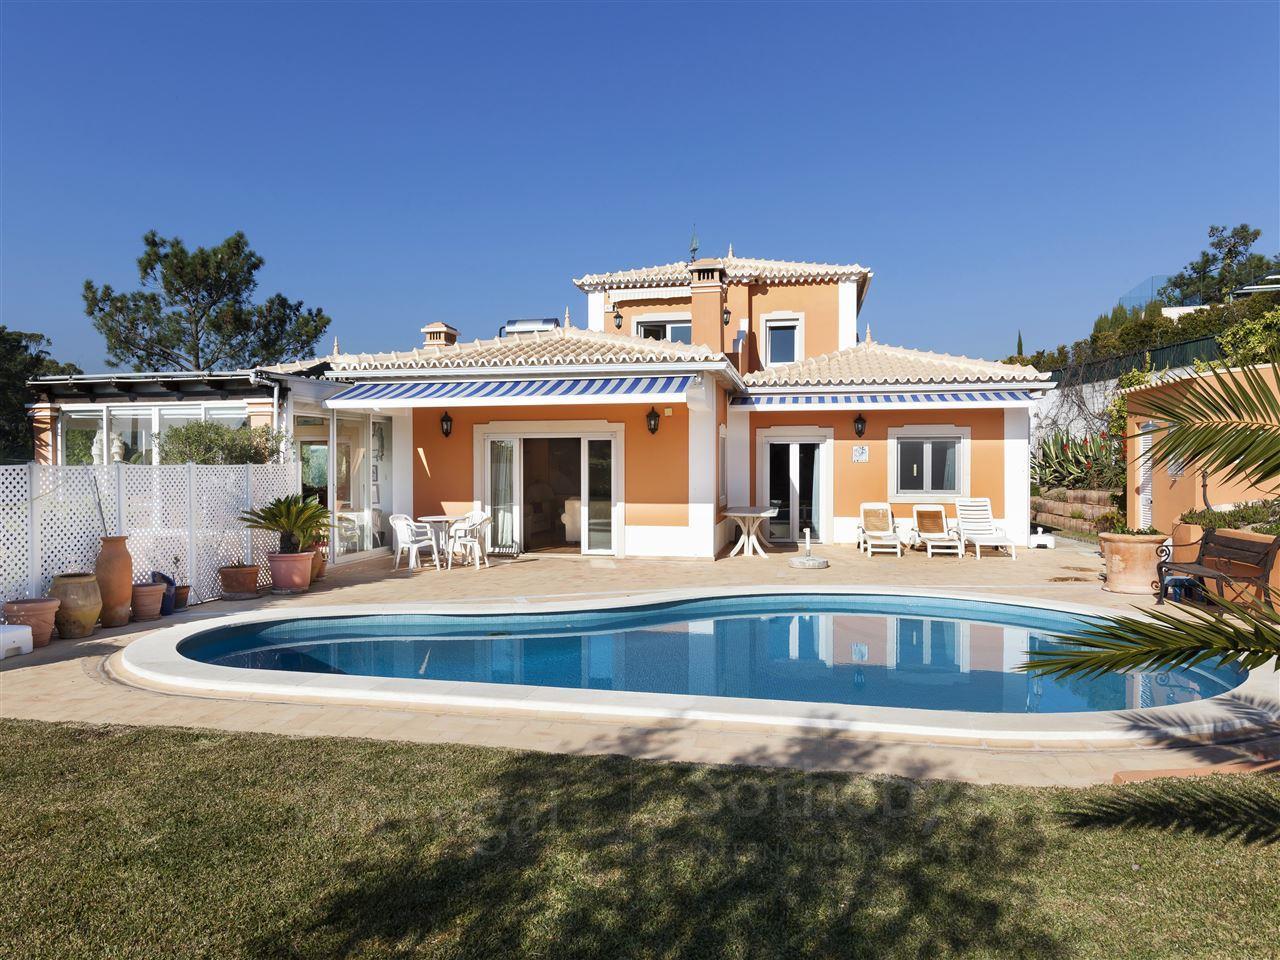 Частный односемейный дом для того Продажа на Detached house, 3 bedrooms, for Sale Cascais, Лиссабон Португалия